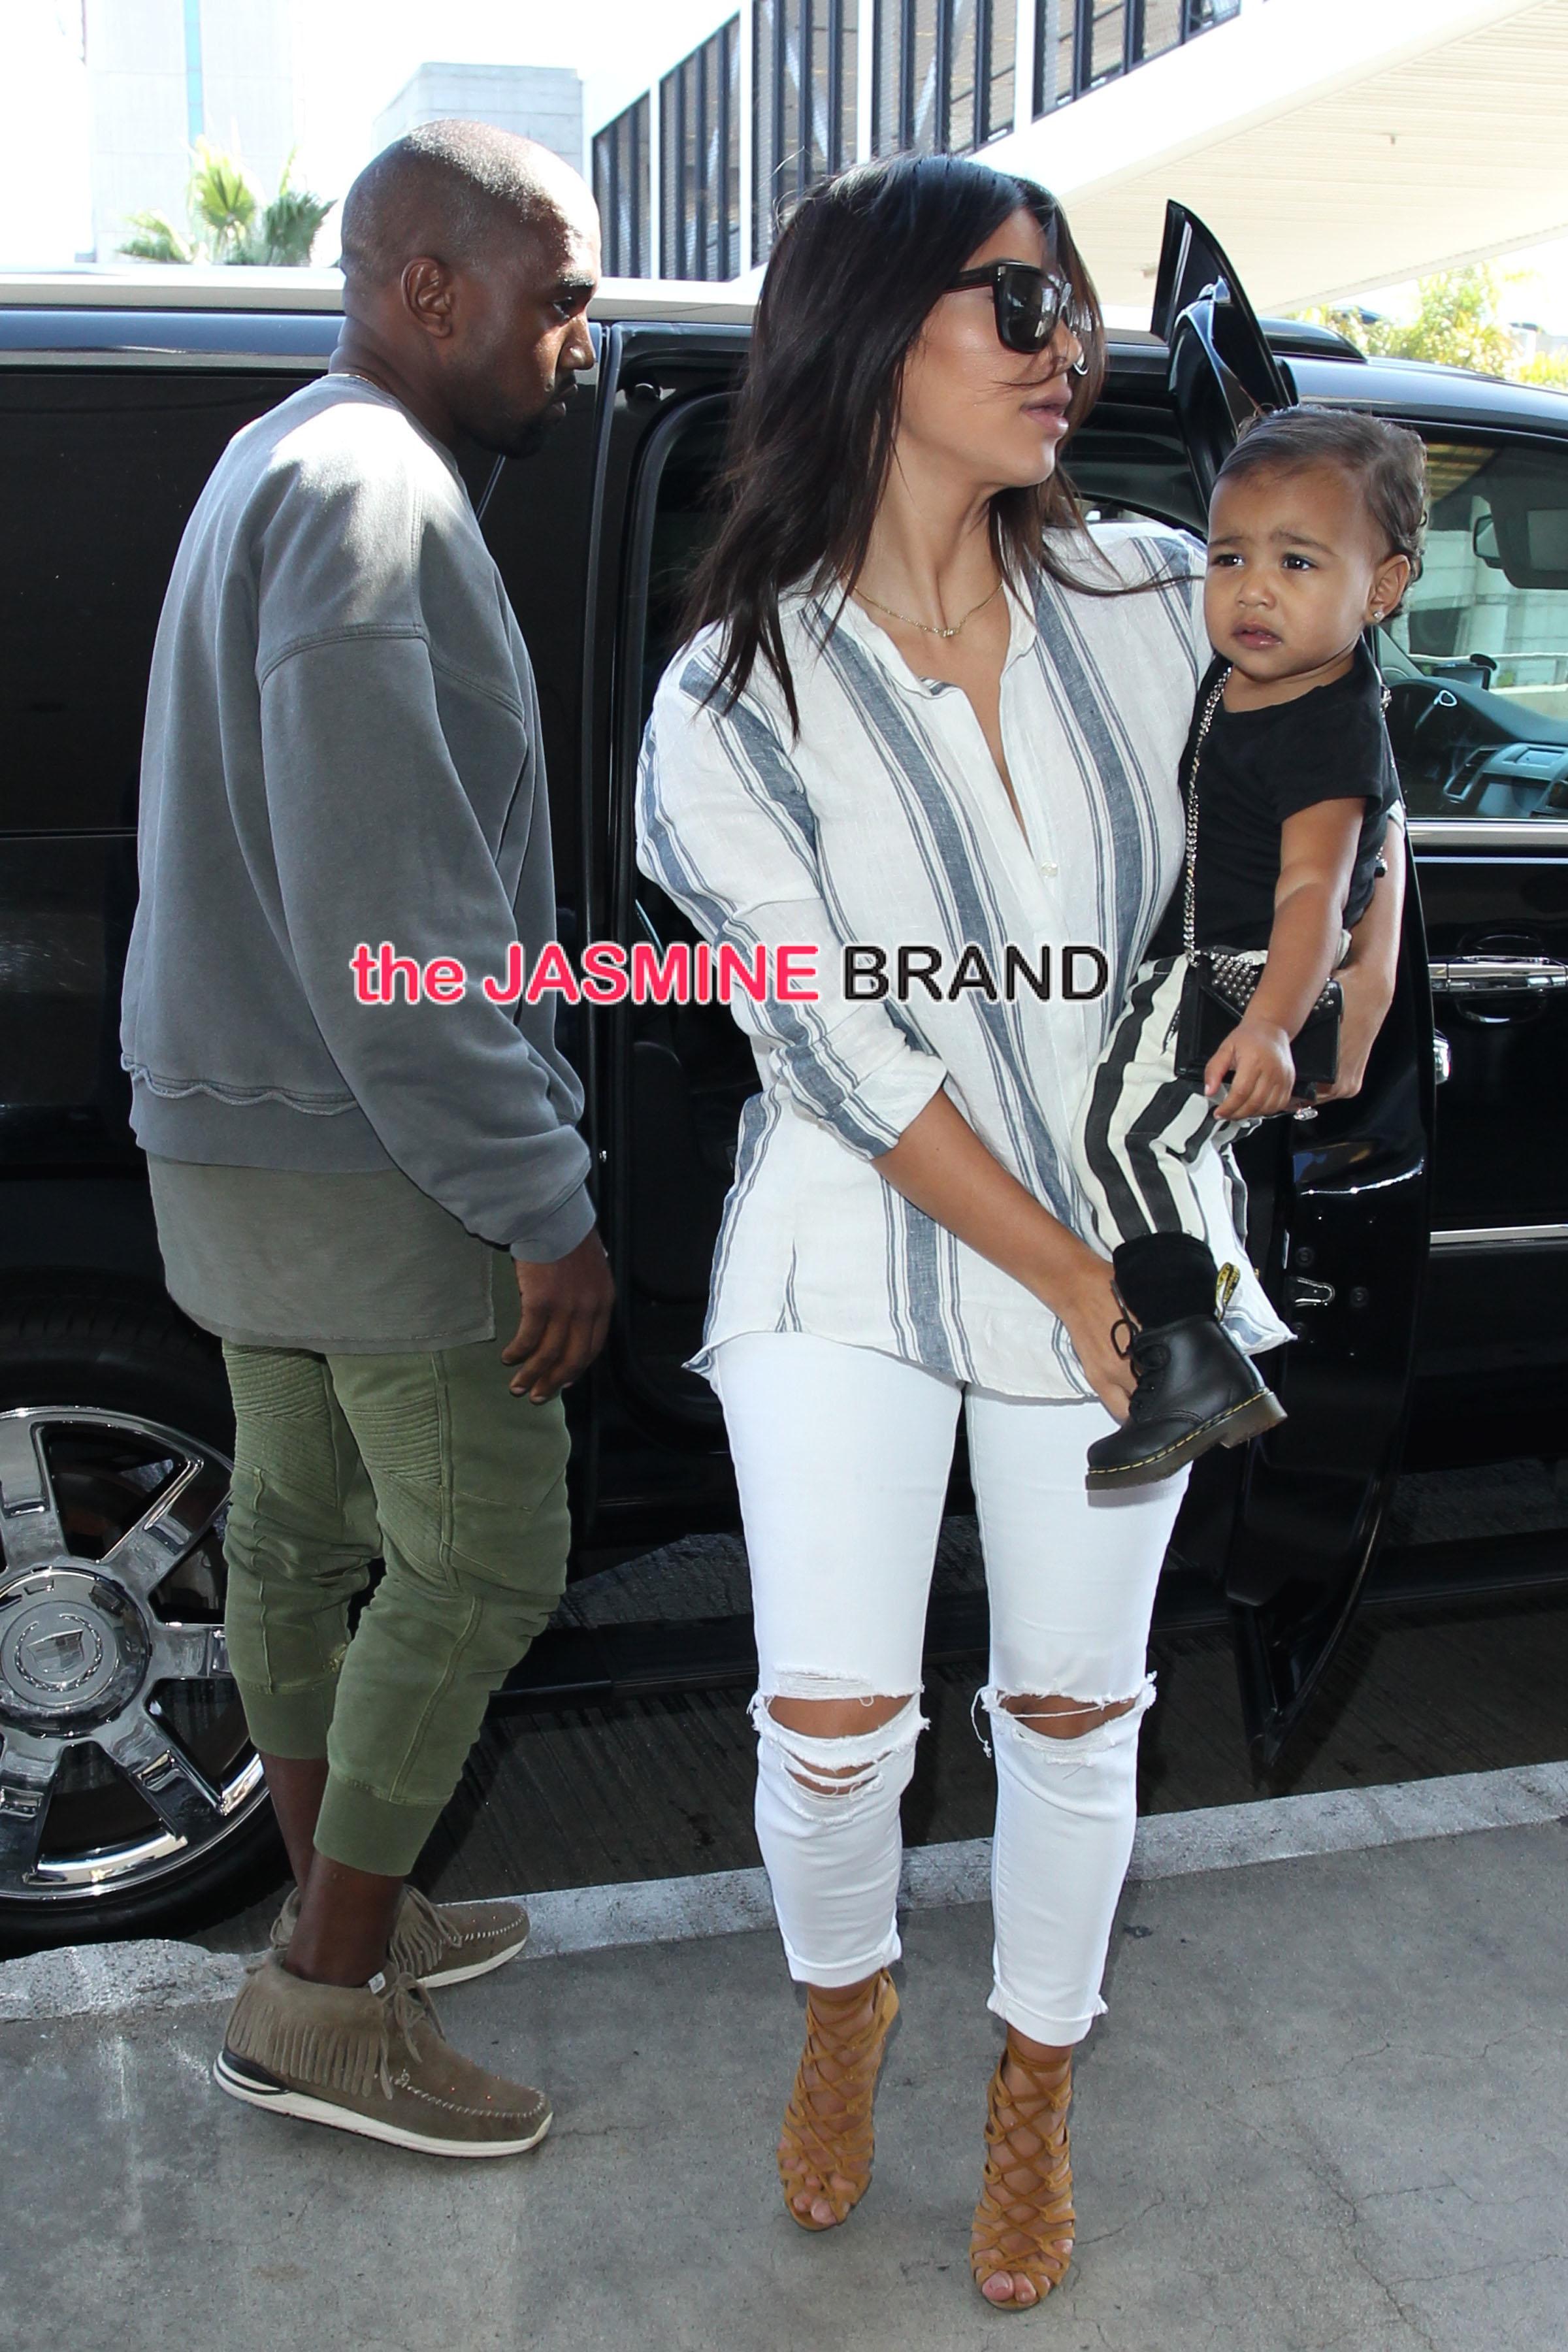 Kim Kardashian and Kanye West depart LA with daughter Nori